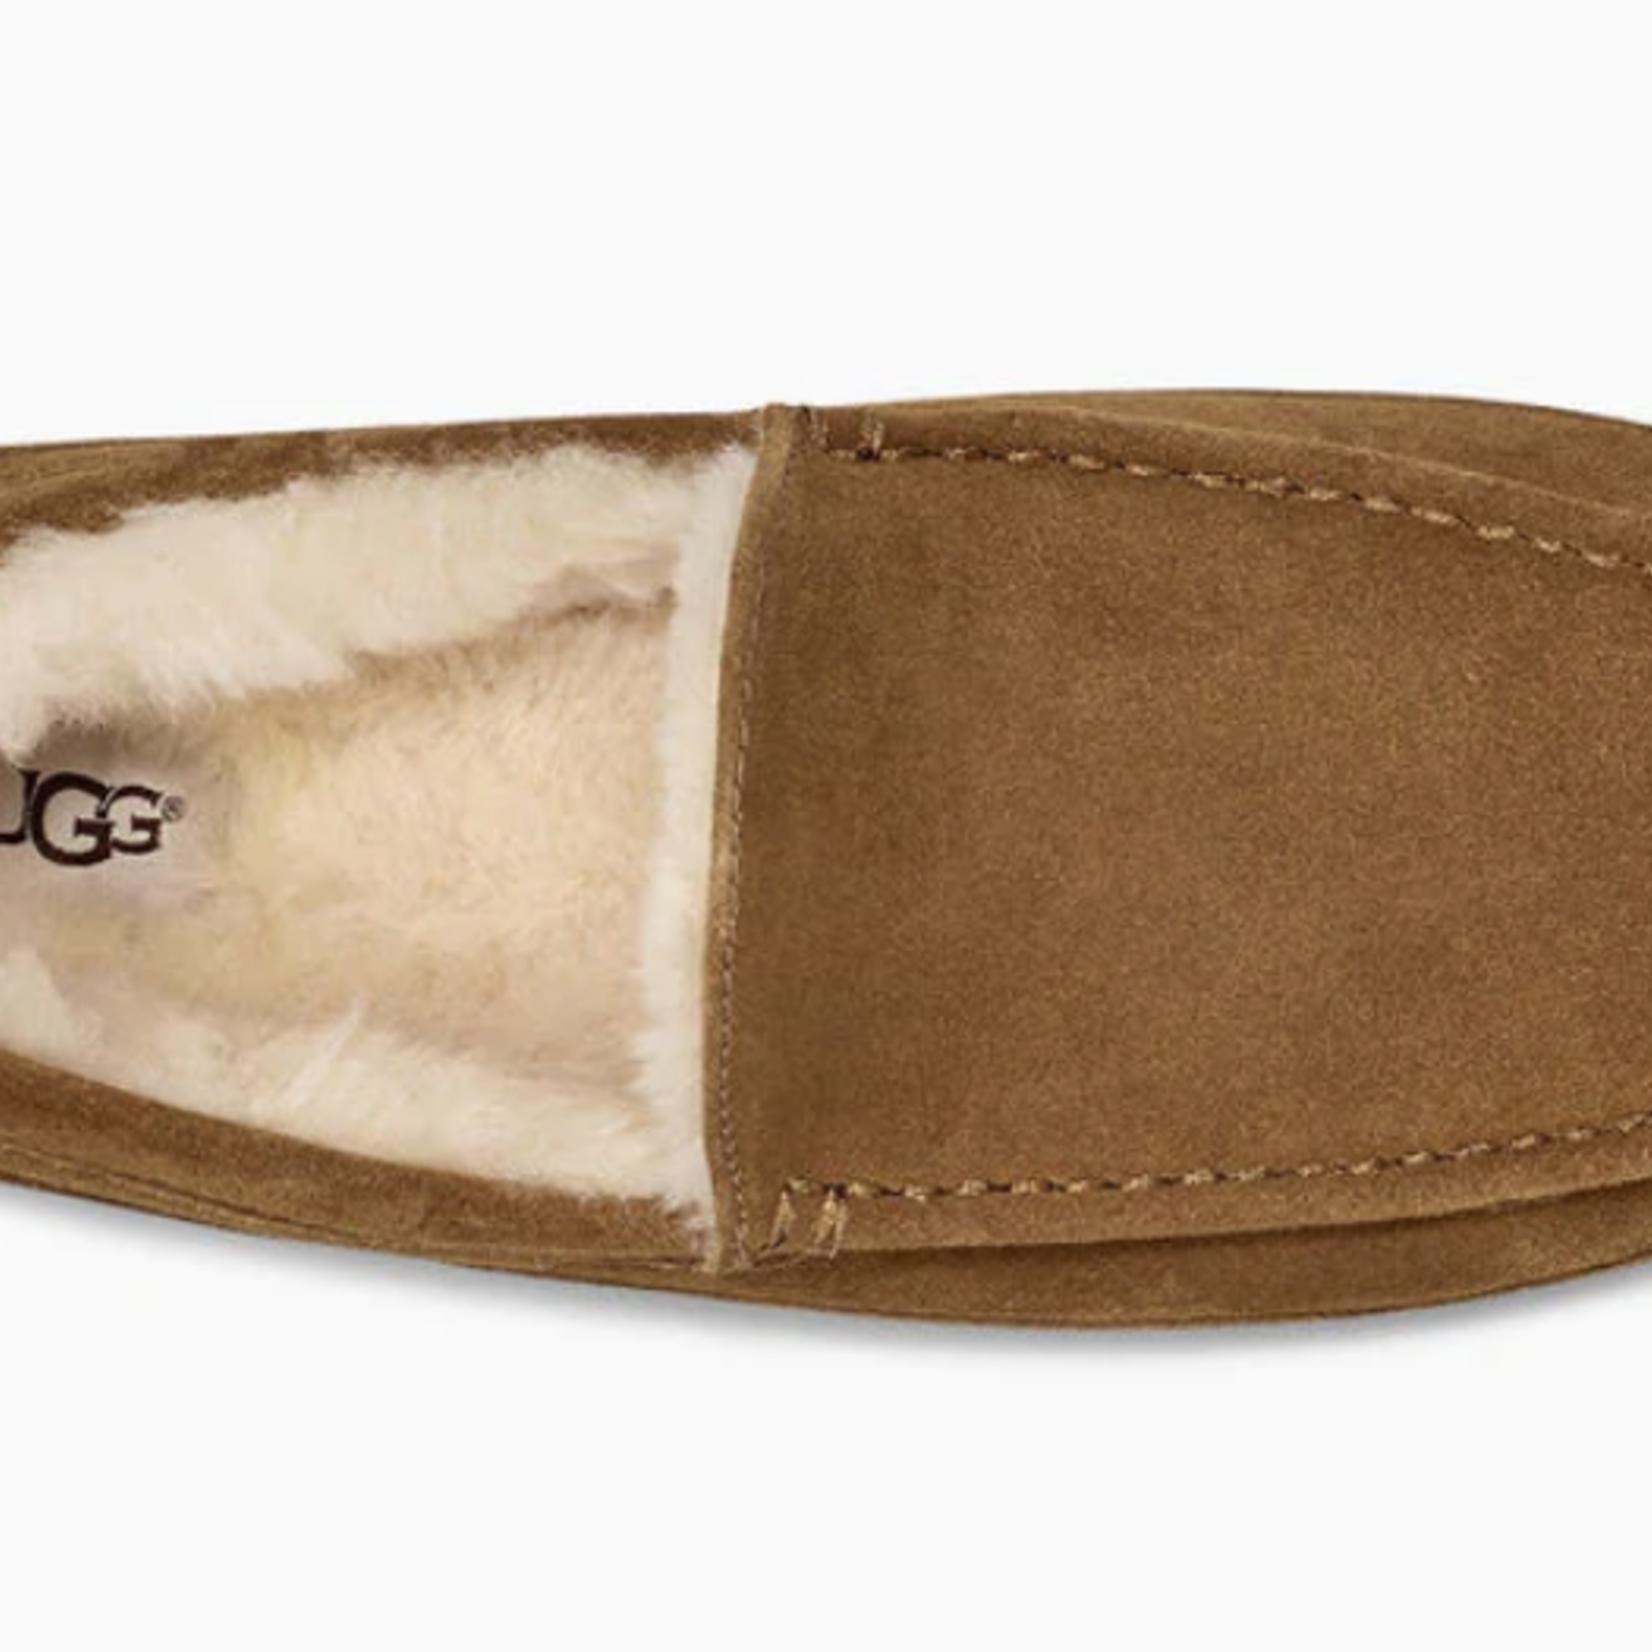 UGG® Australia UGG M's Ascot Slipper - P-142886